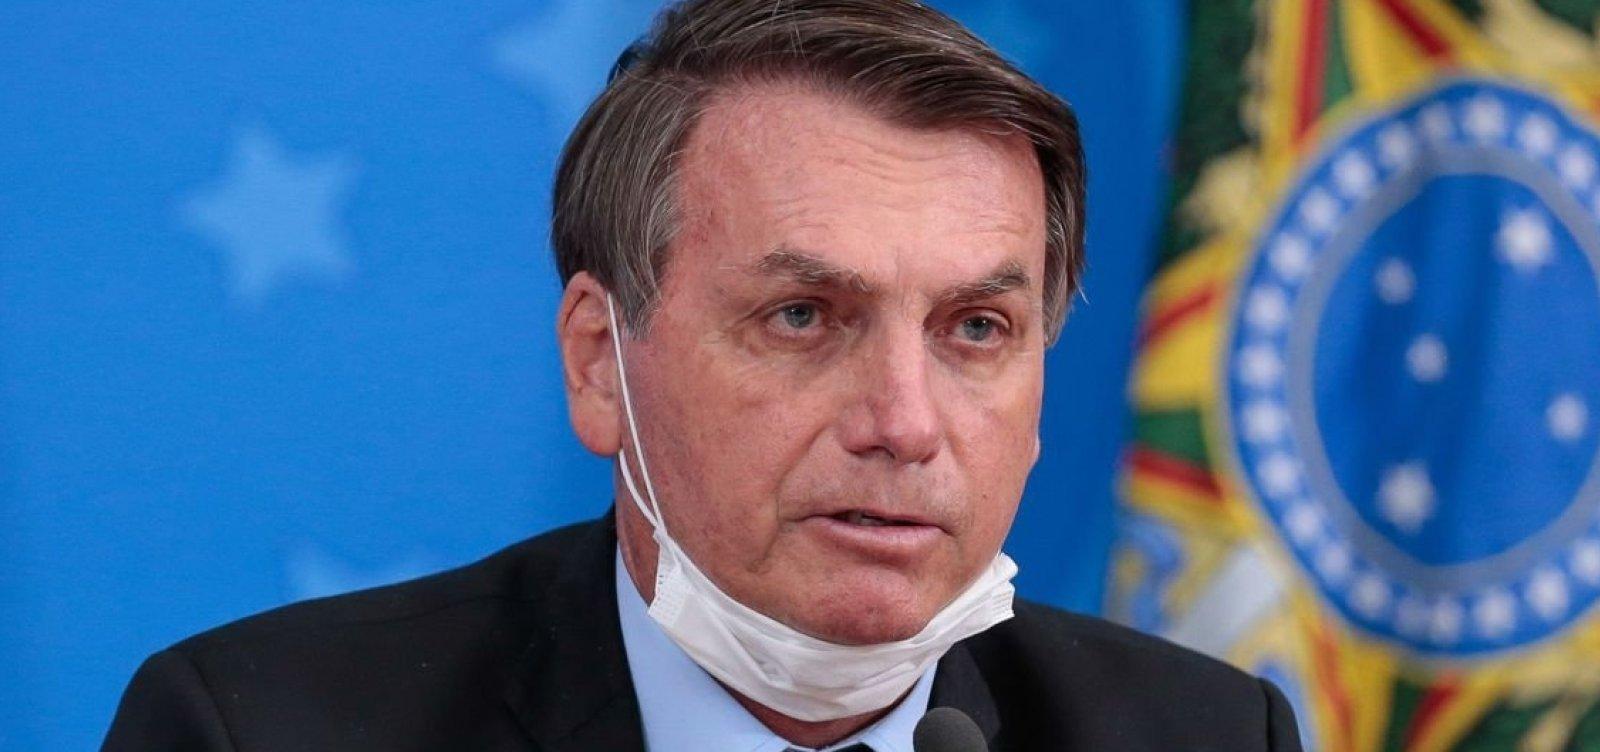 """Em entrevista a negacionistas alemães, Bolsonaro diz que """"Covid apenas encurtou a vida das pessoas"""""""